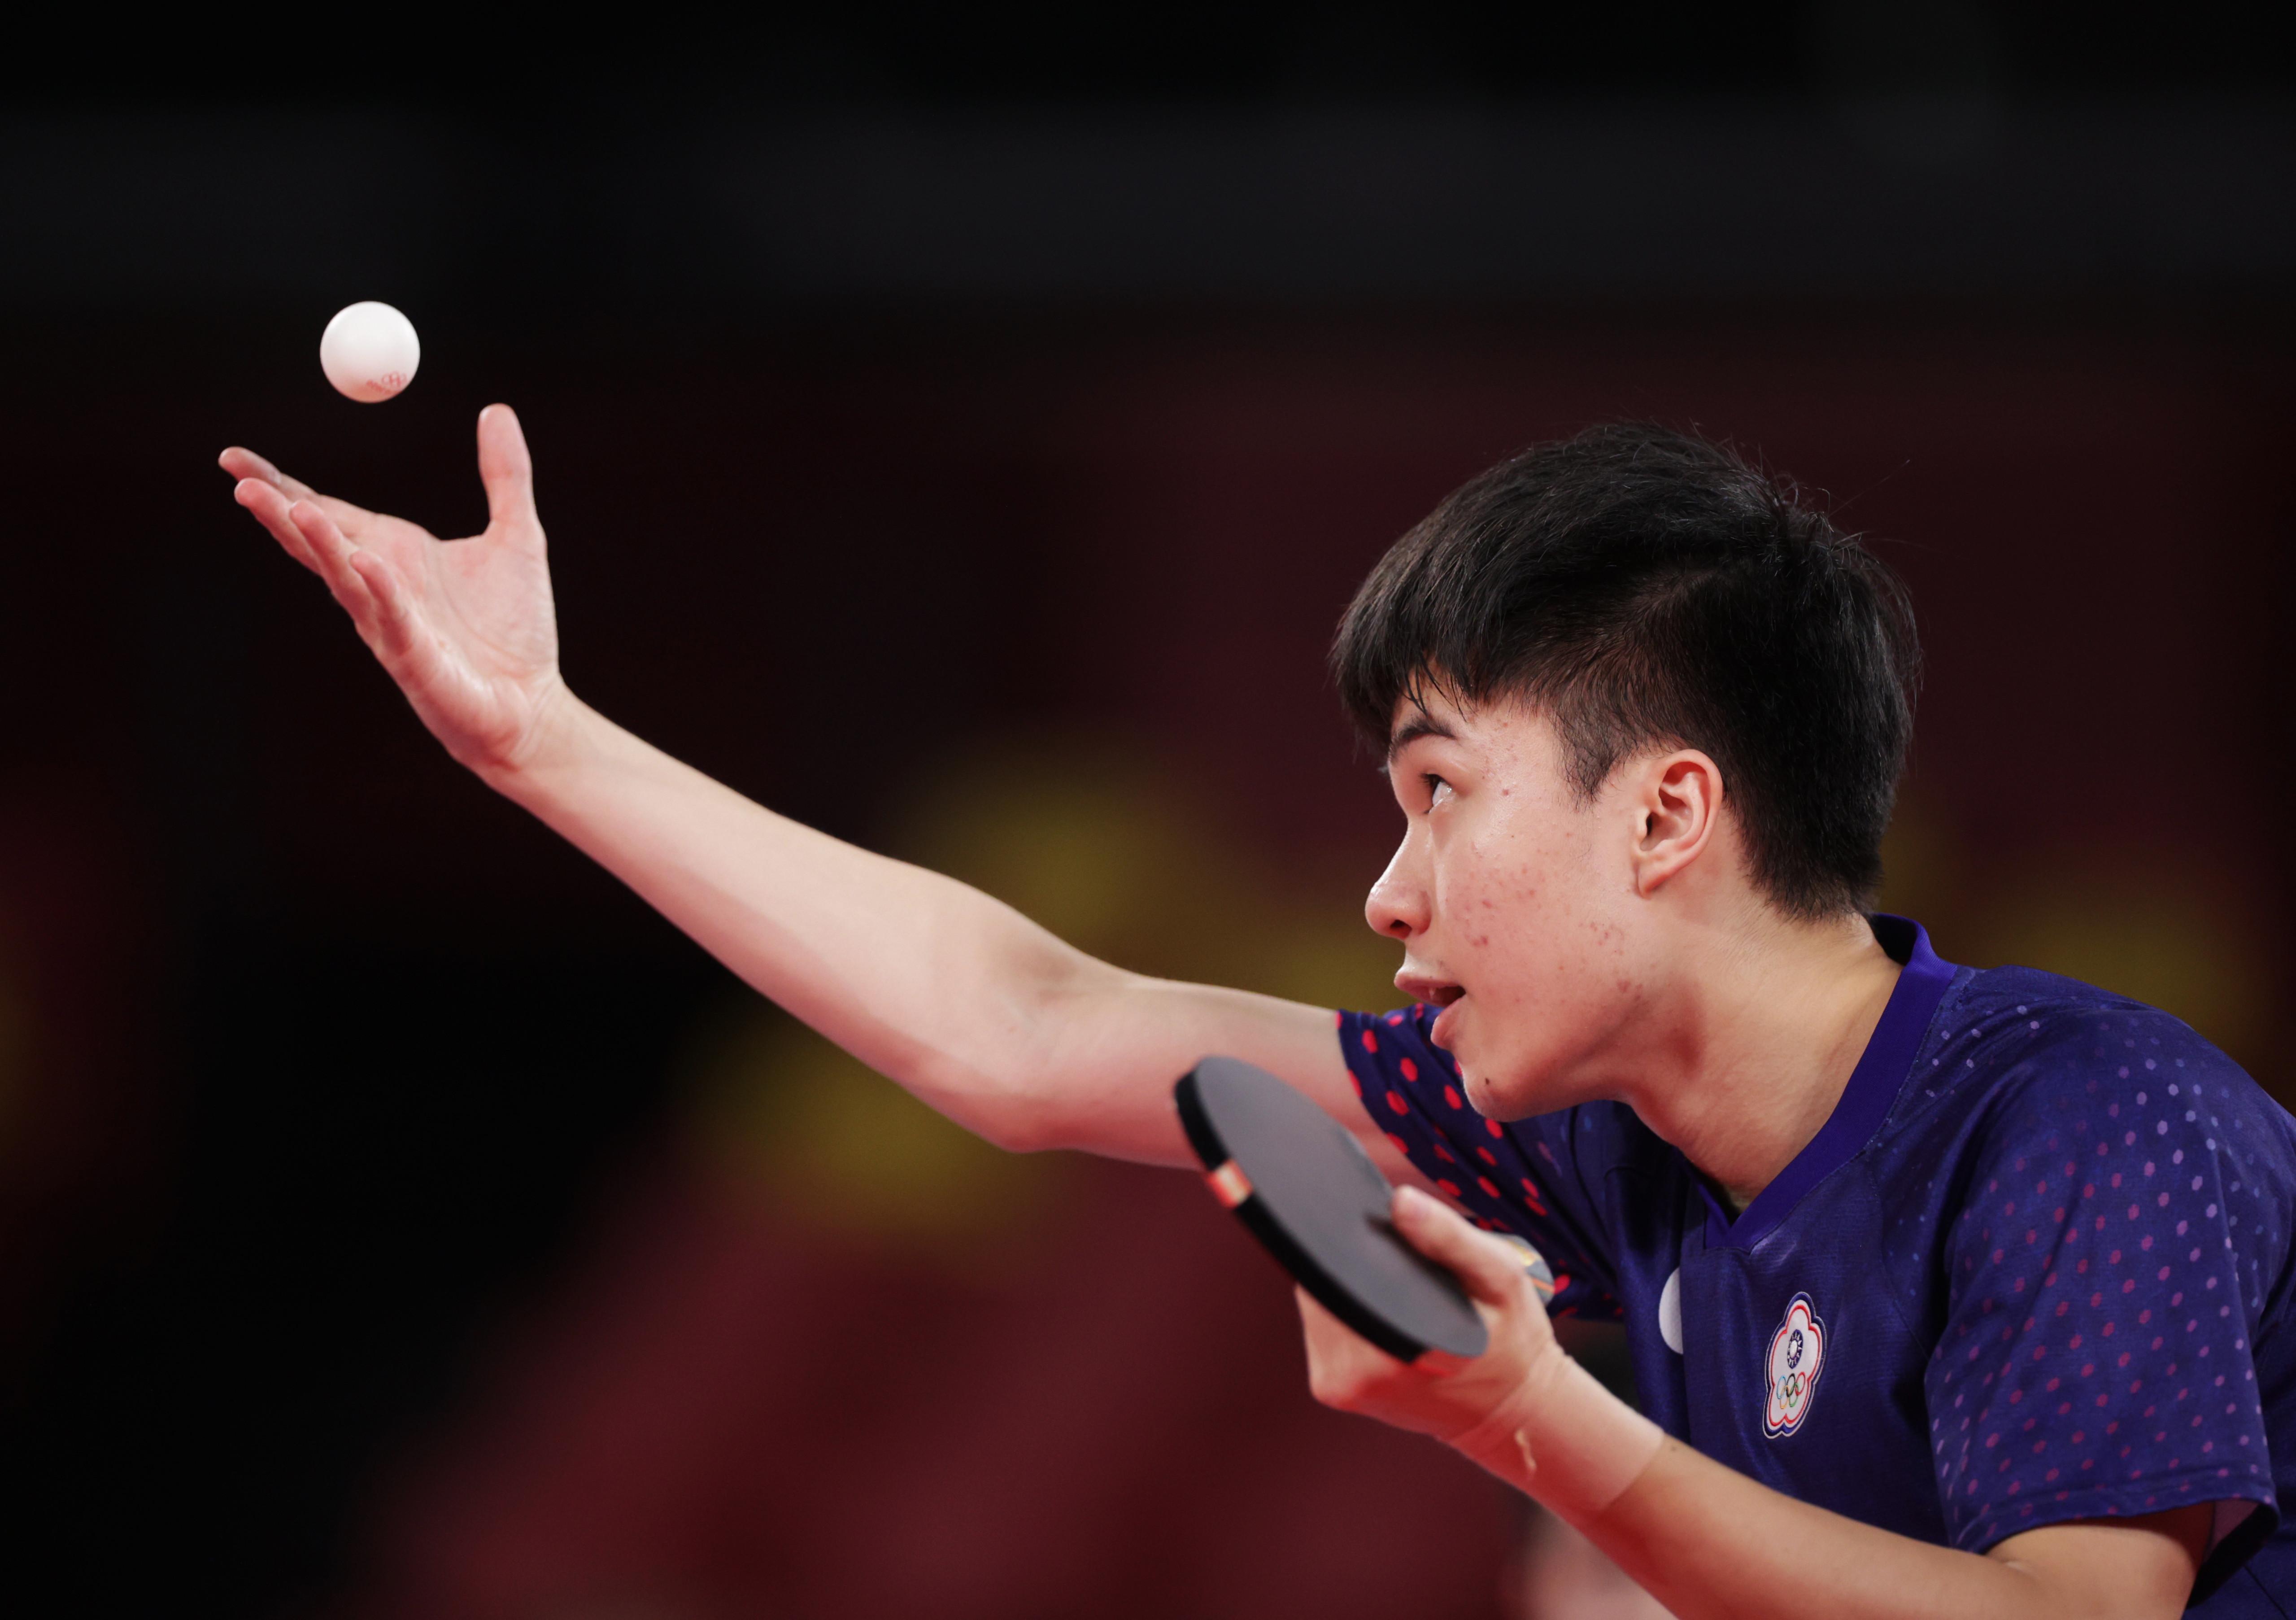 林昀儒,小林同學,樊振東,東京奧運,桌球,體育,沈默殺手,國訓中心,移地訓練,比賽